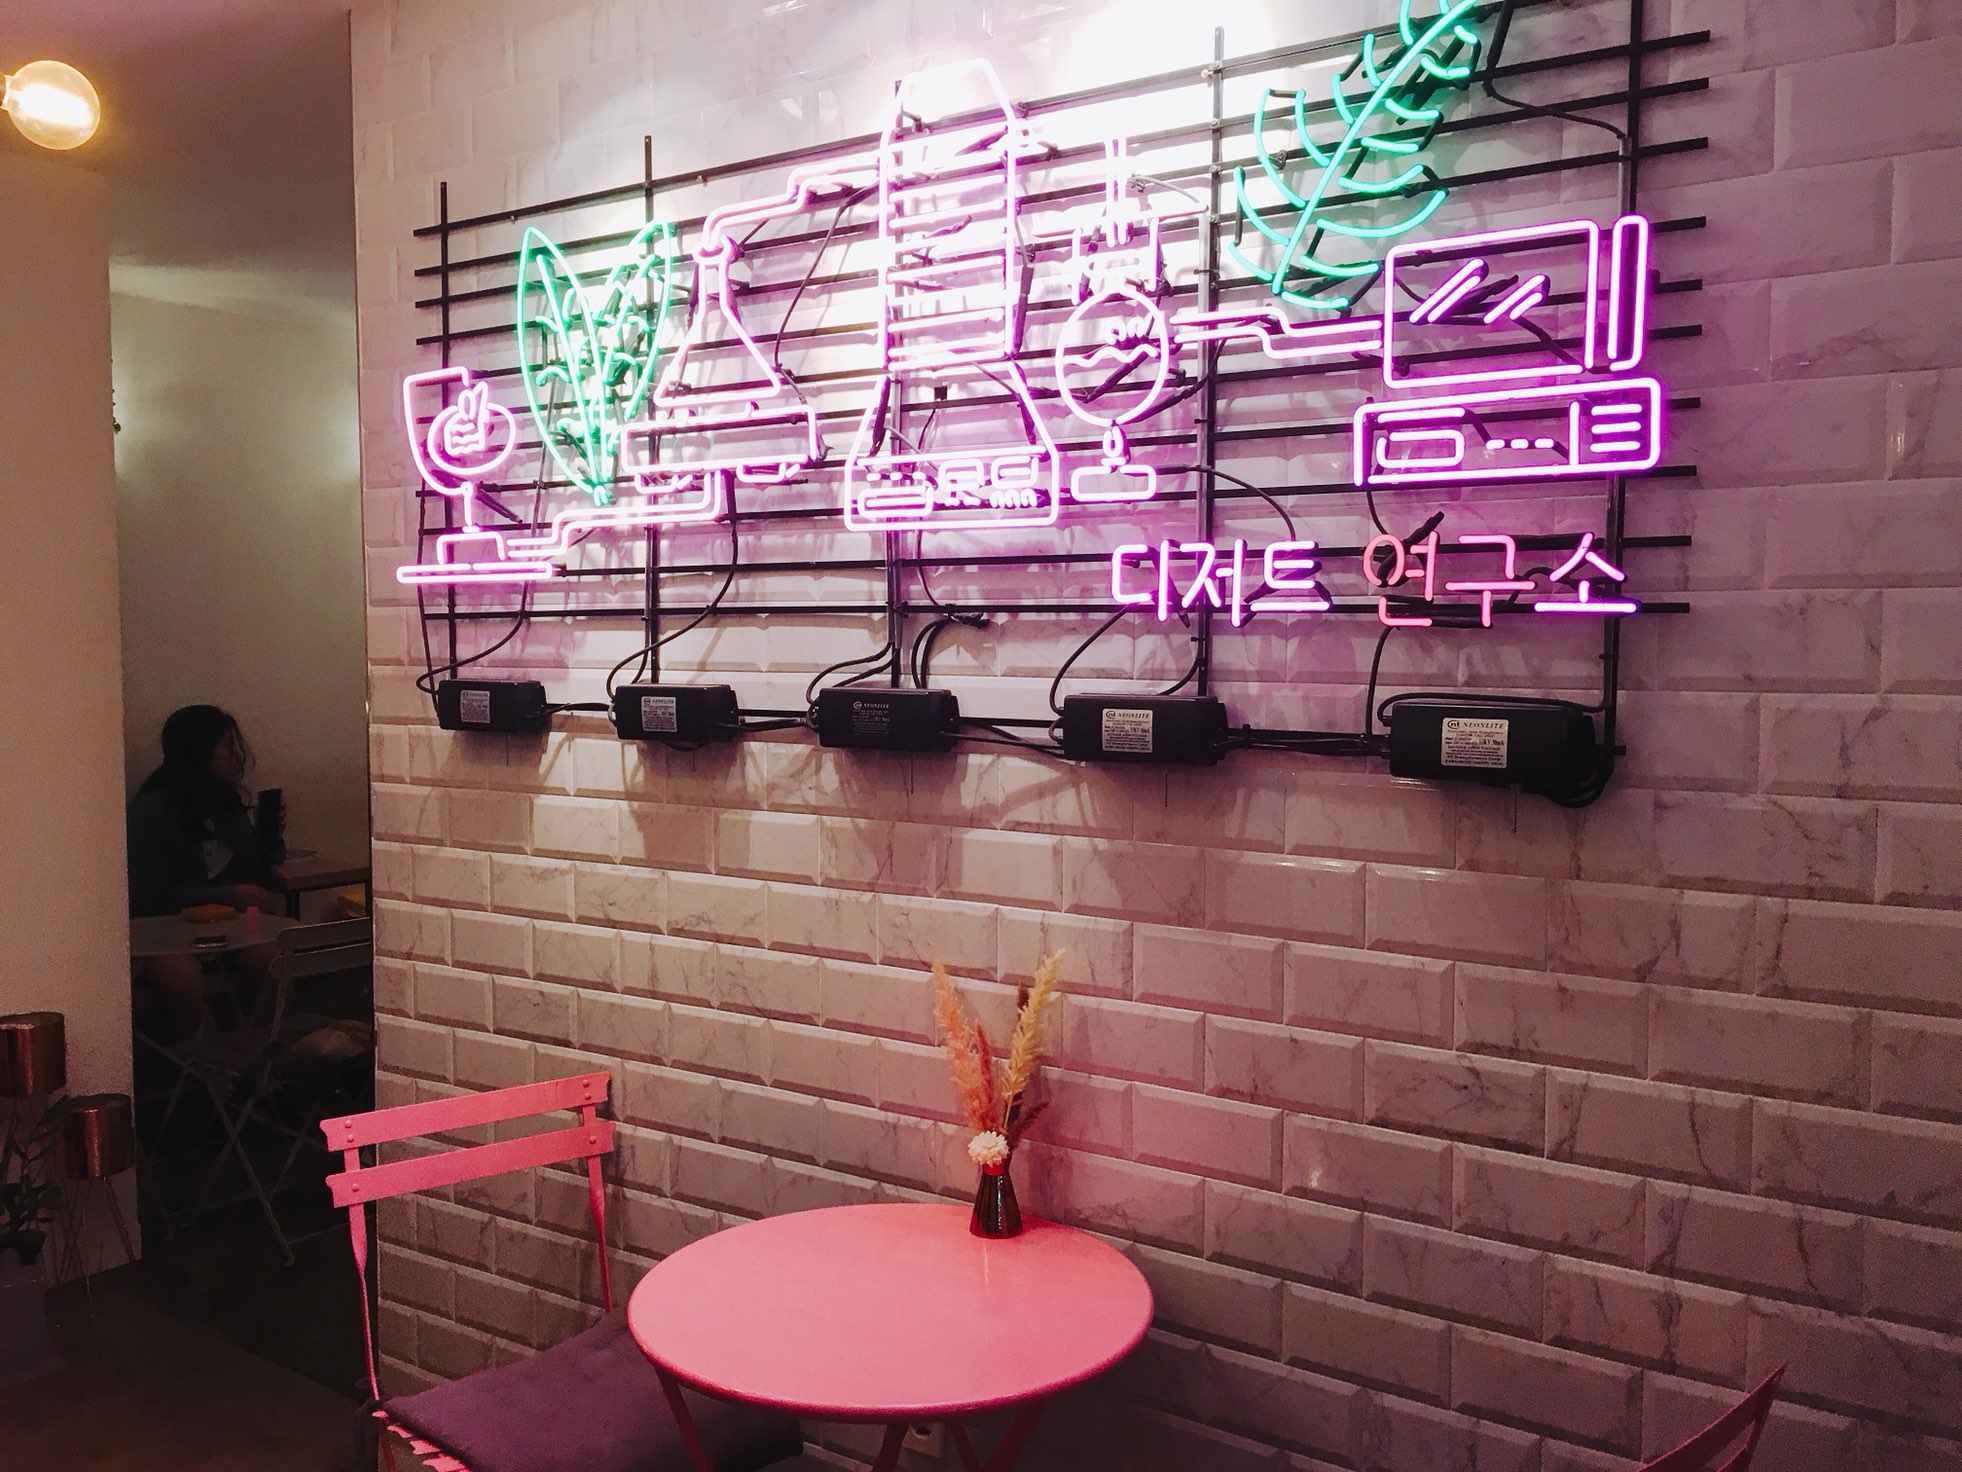 一進咖啡廳就會被這塊燈板吸引,網美咖啡廳當然要有網美拍照區啦~坐在這粉色座位上隨便拍都超夢幻!!